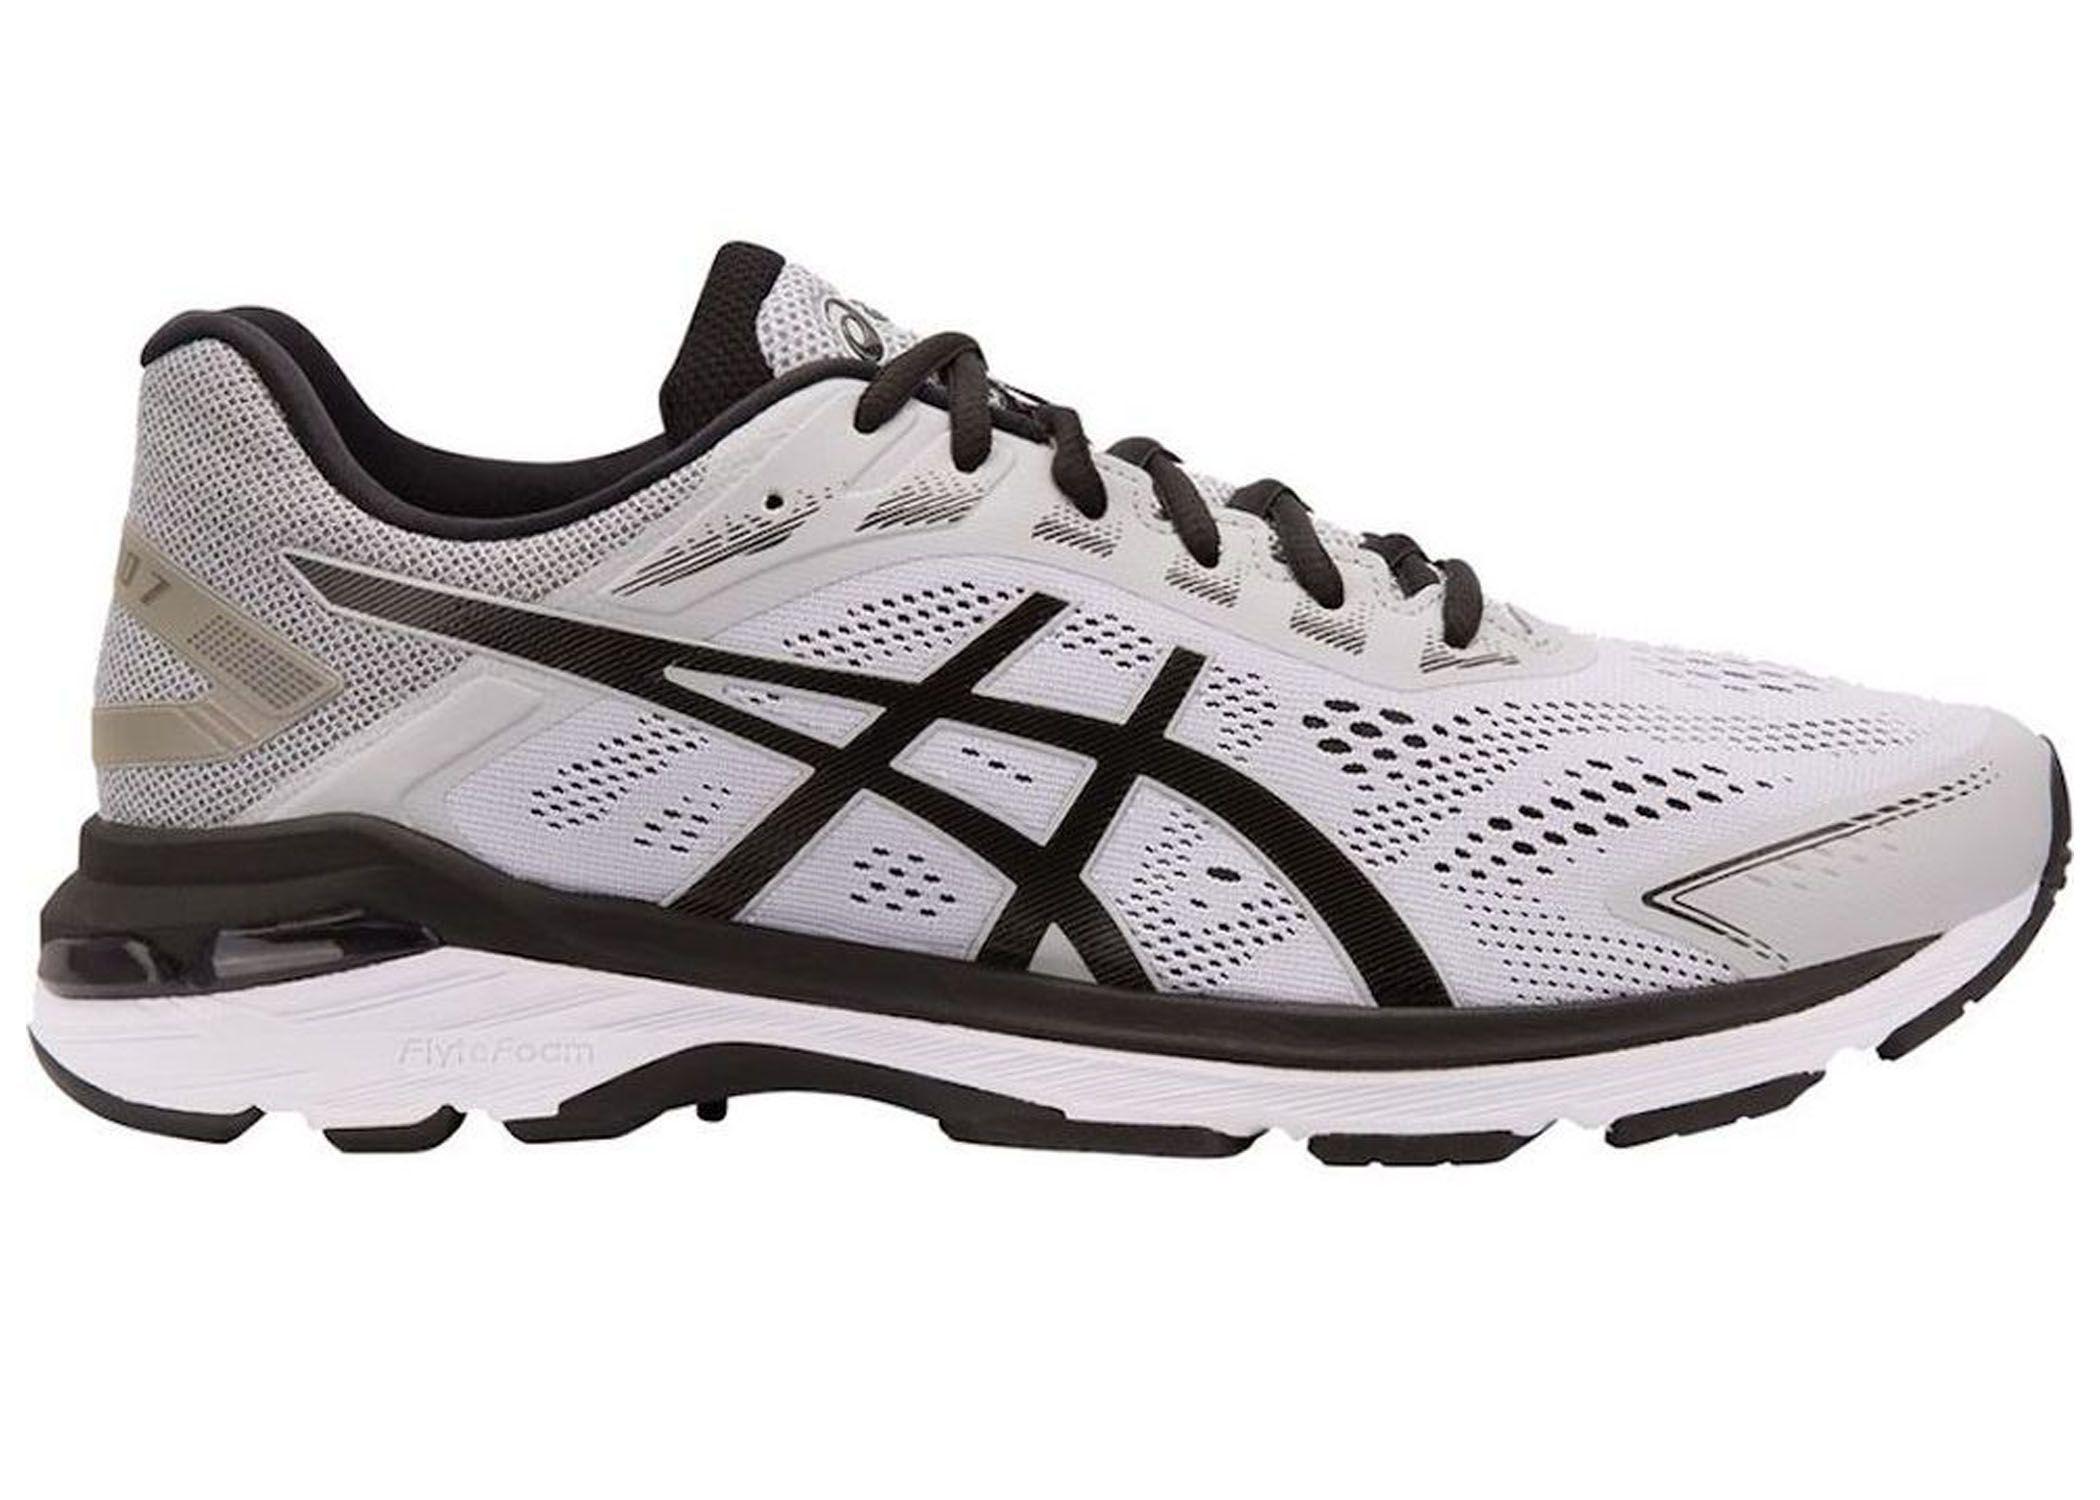 asics-run-meilleure chaussure de running pour hommes 2019-meilleure chaussure de course nike chaussure de sport-i run-baskets homme-longues distances-excellente chaussure-marathon-runnning-achat best-seller-adidass-nike-sport-légères-Reebok-newblance-guide-lepape